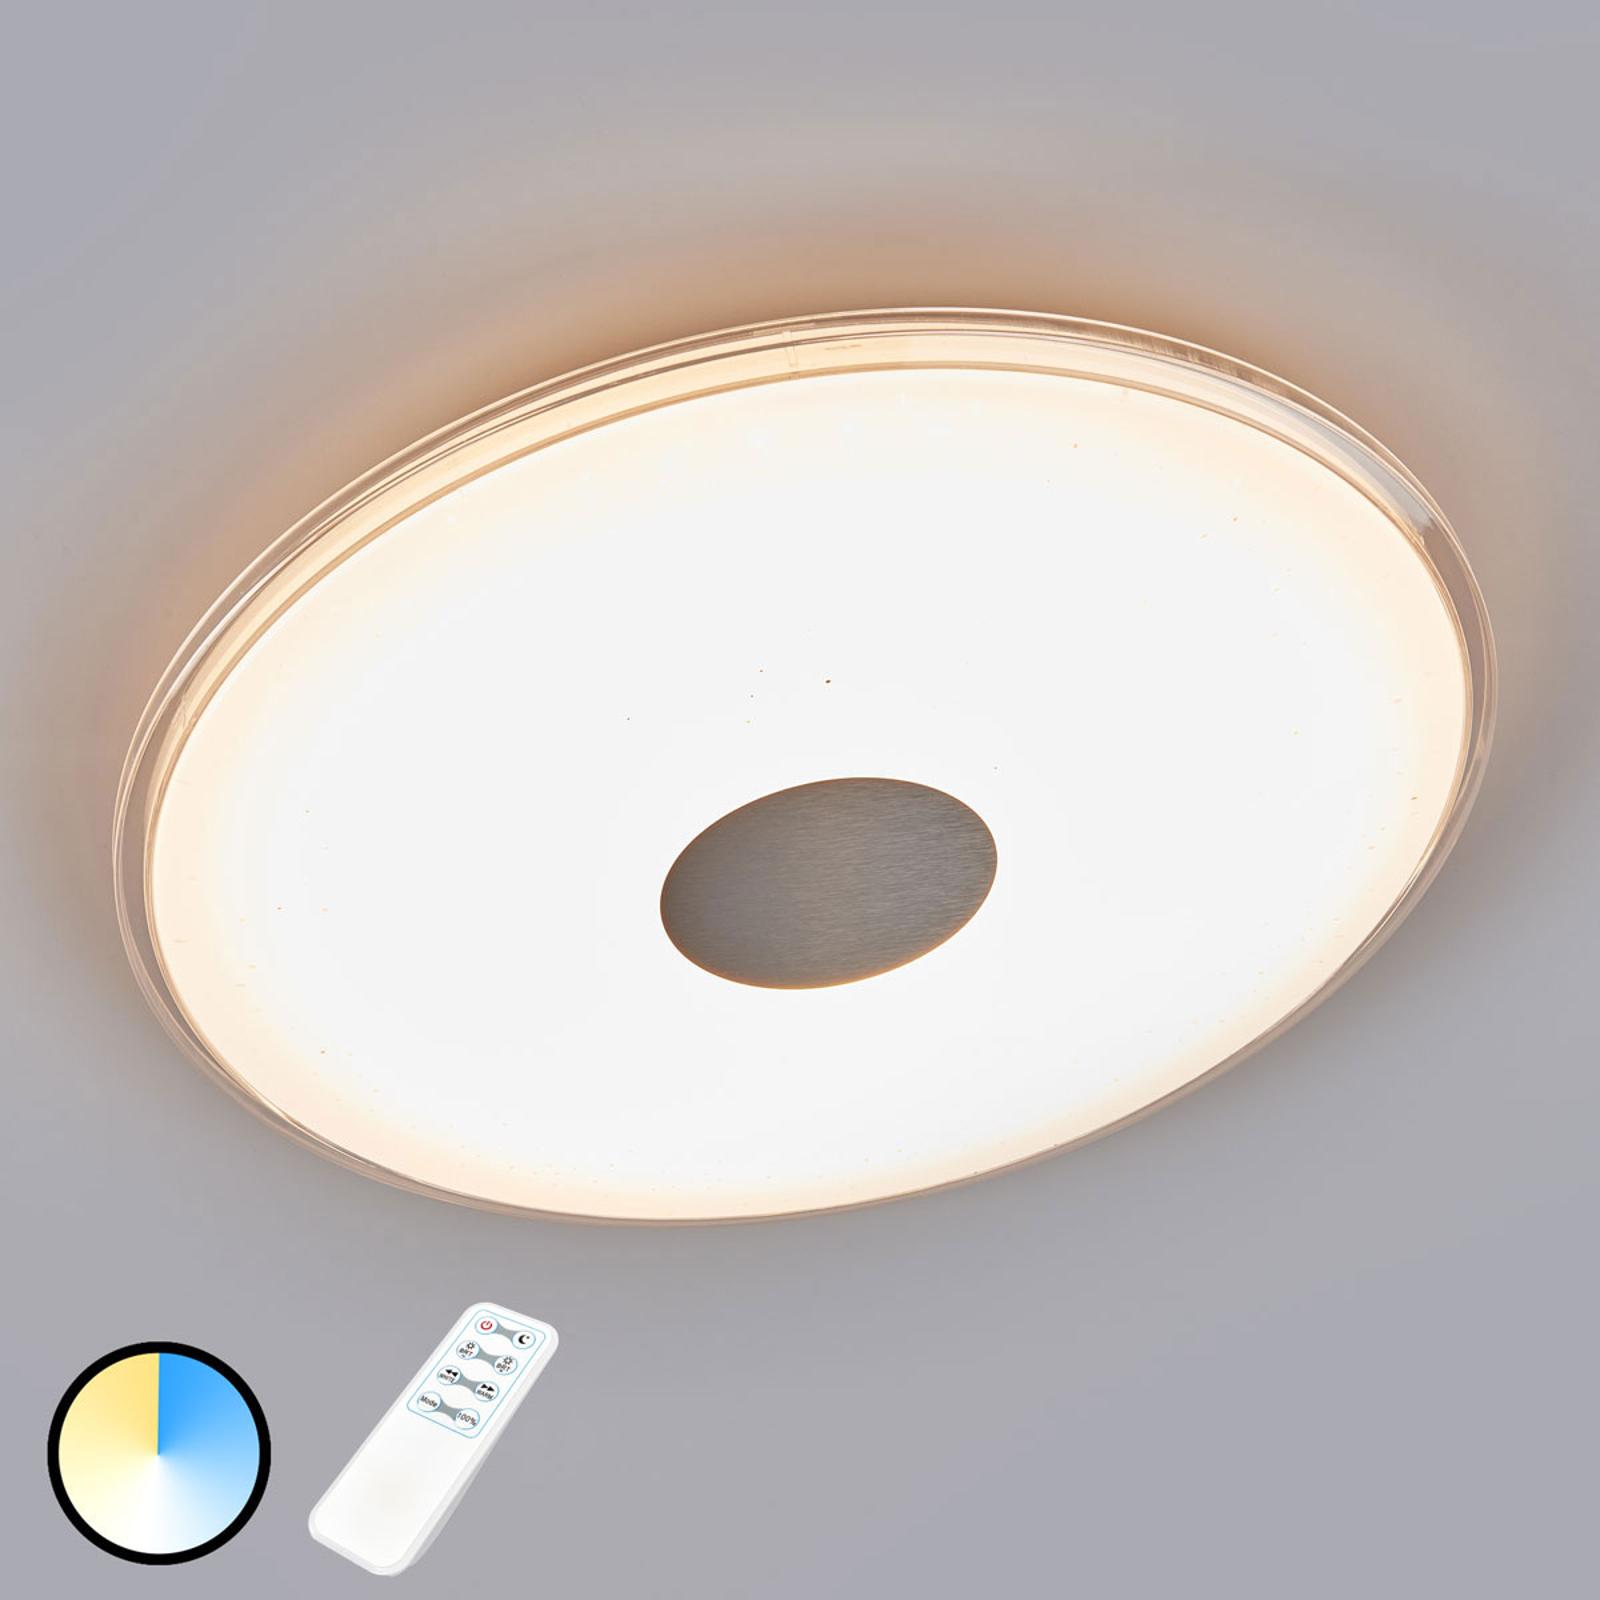 Kulaté stropní LED světlo Shogun třpytivé